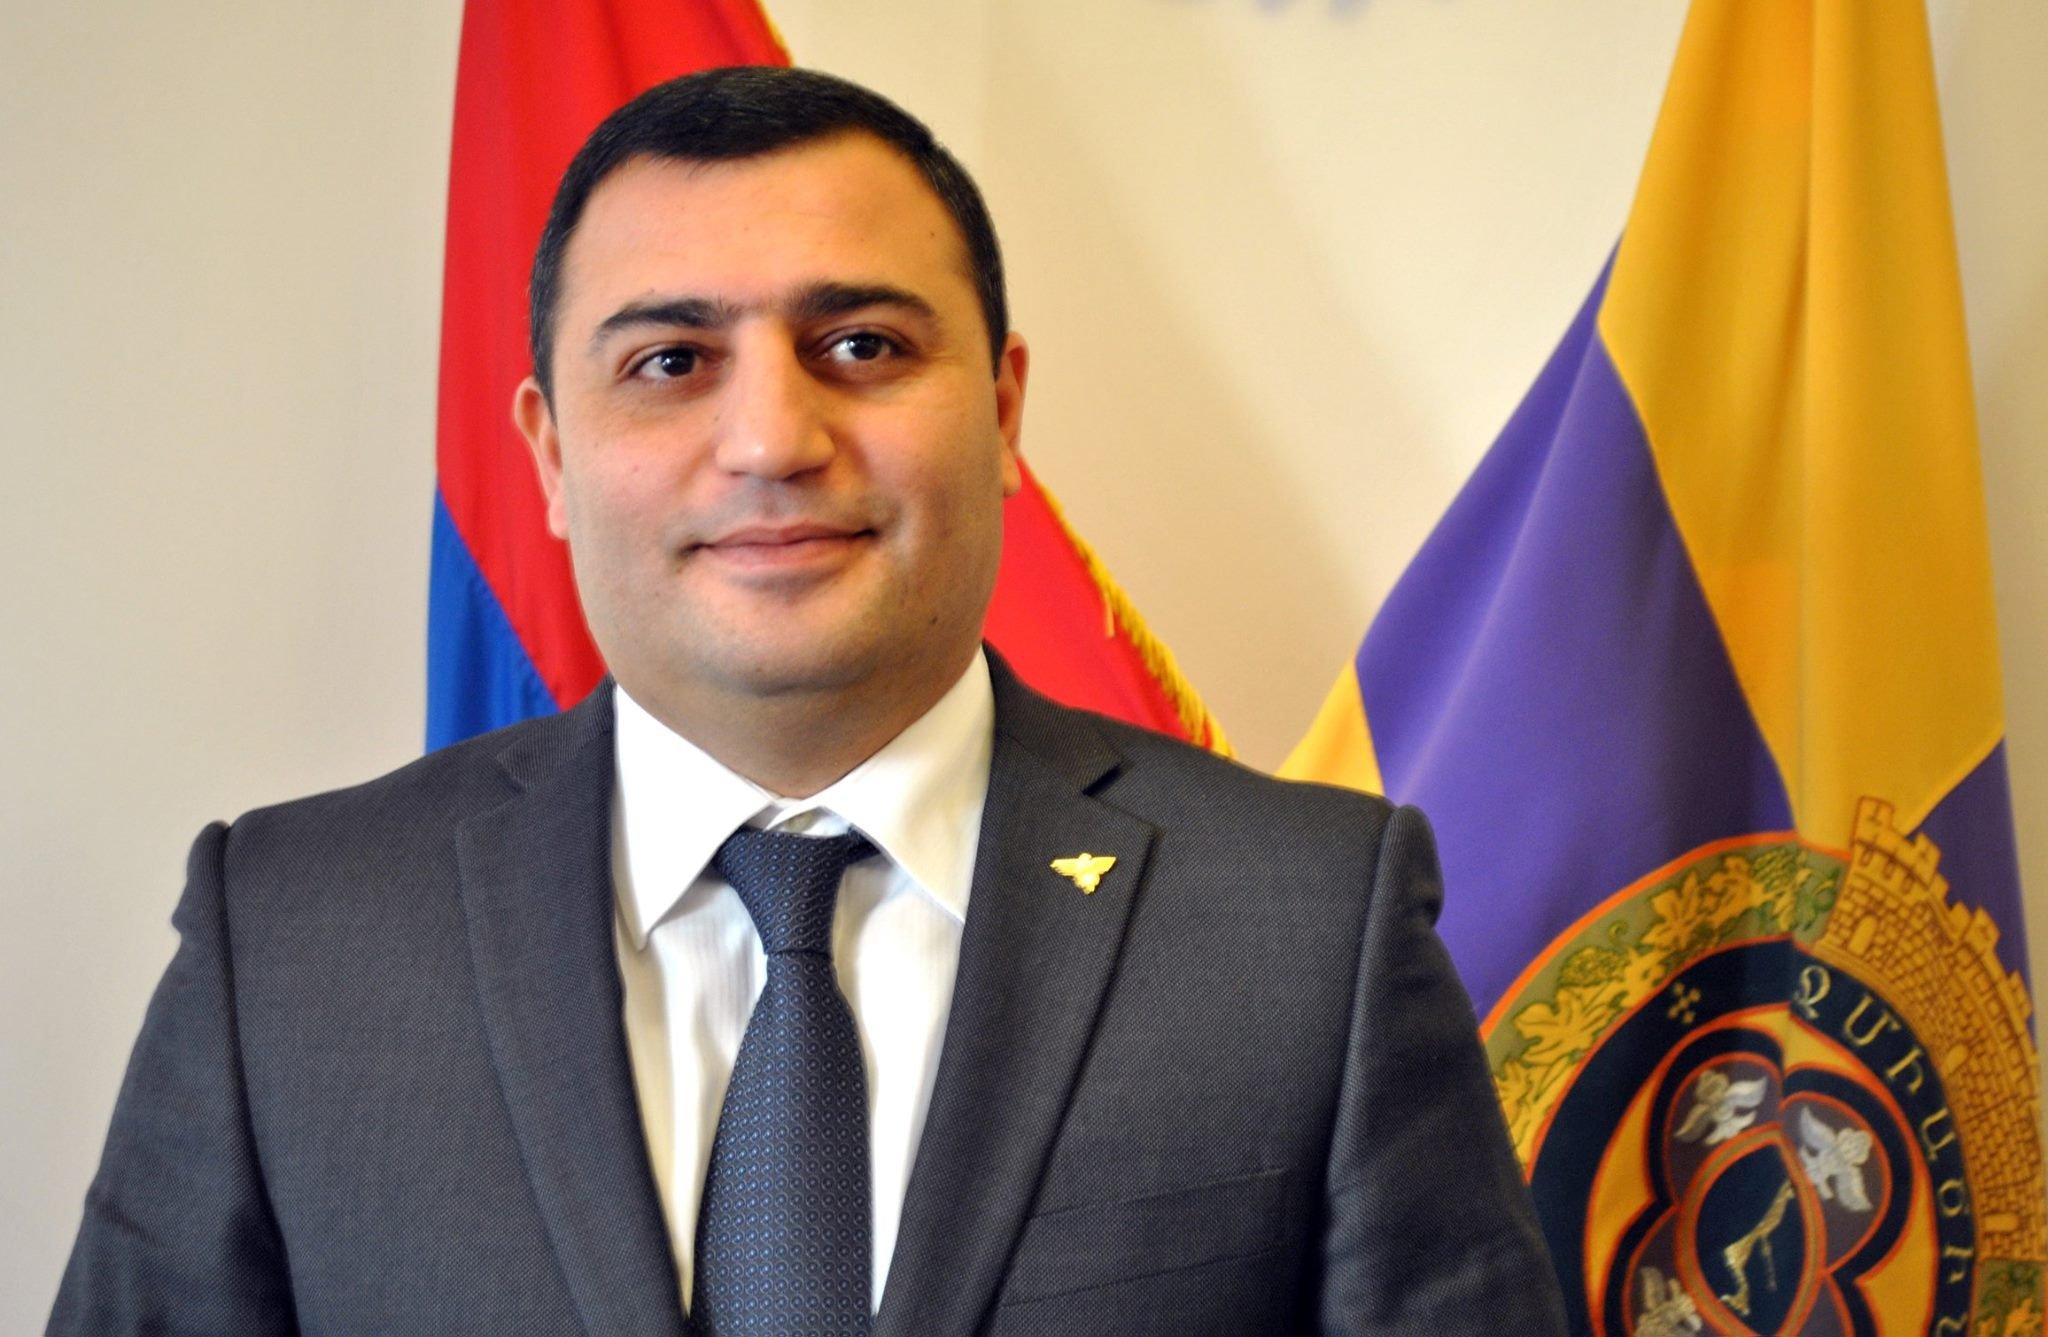 Մանվել Գրիգորյանի որդին հրաժարական է տվել Էջմիածնի քաղաքապետի պաշտոնից